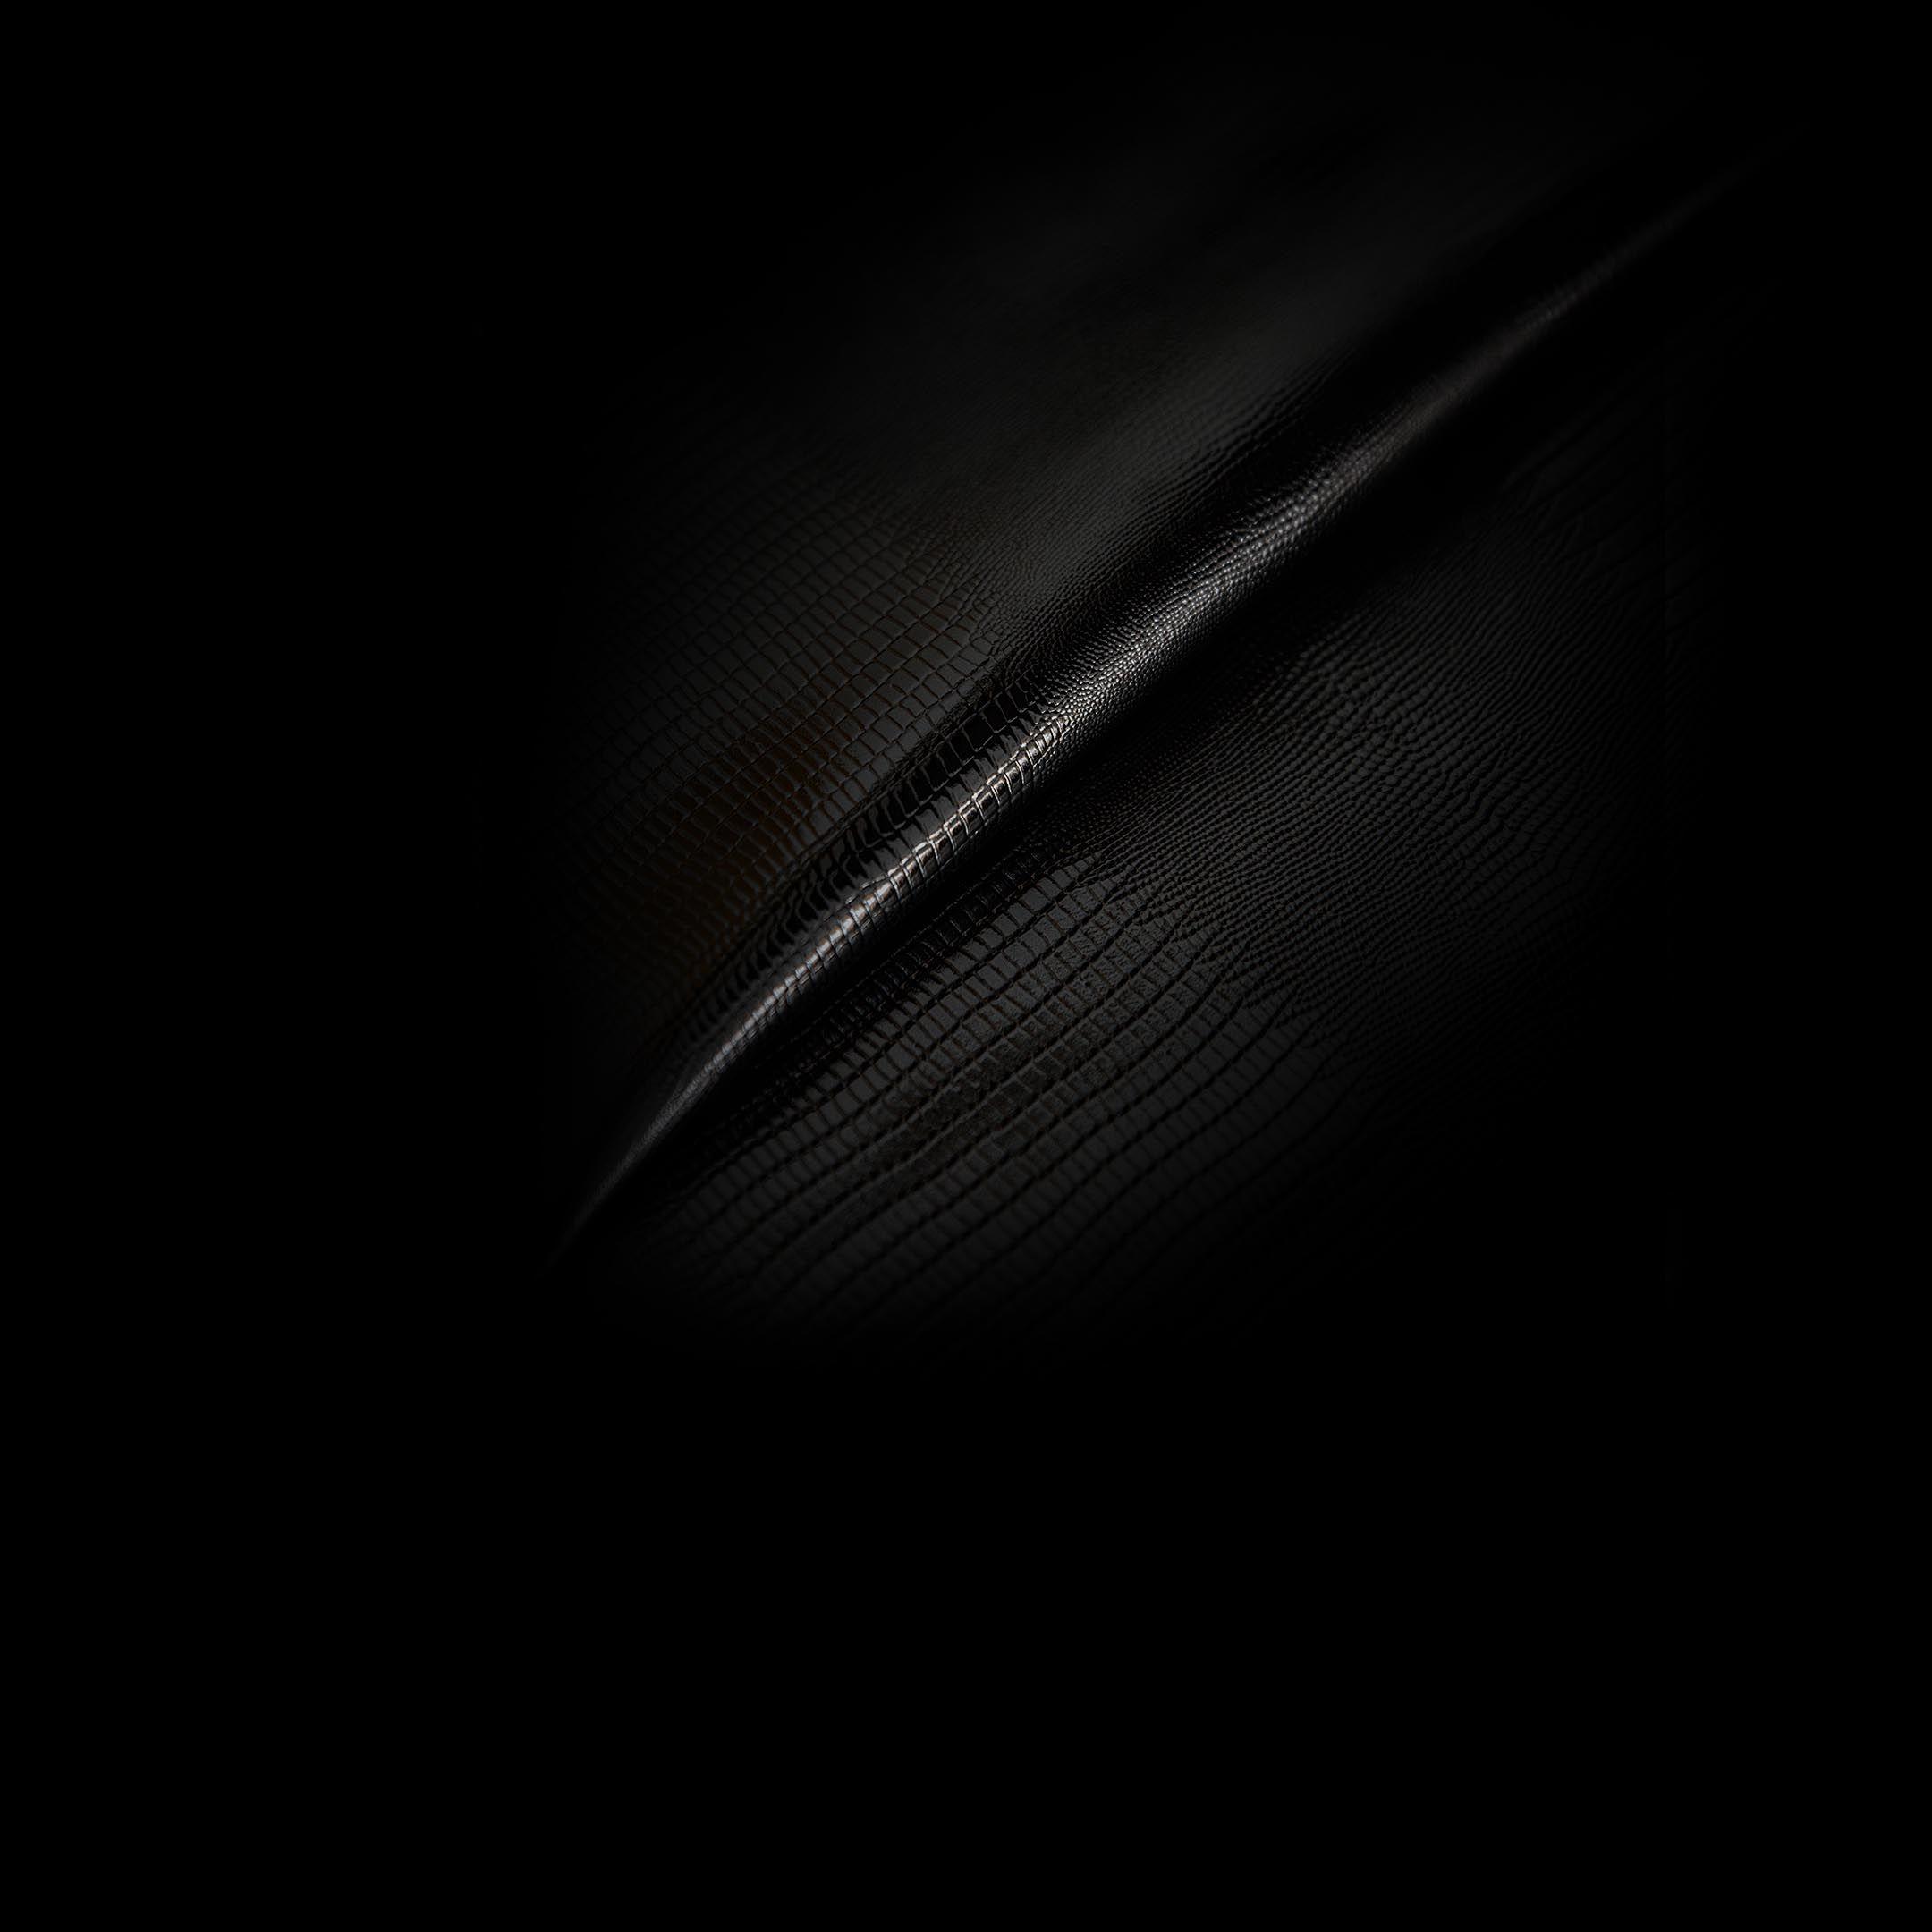 Fondo de pantalla del Huawei Mate 10 y 10 Pro 04